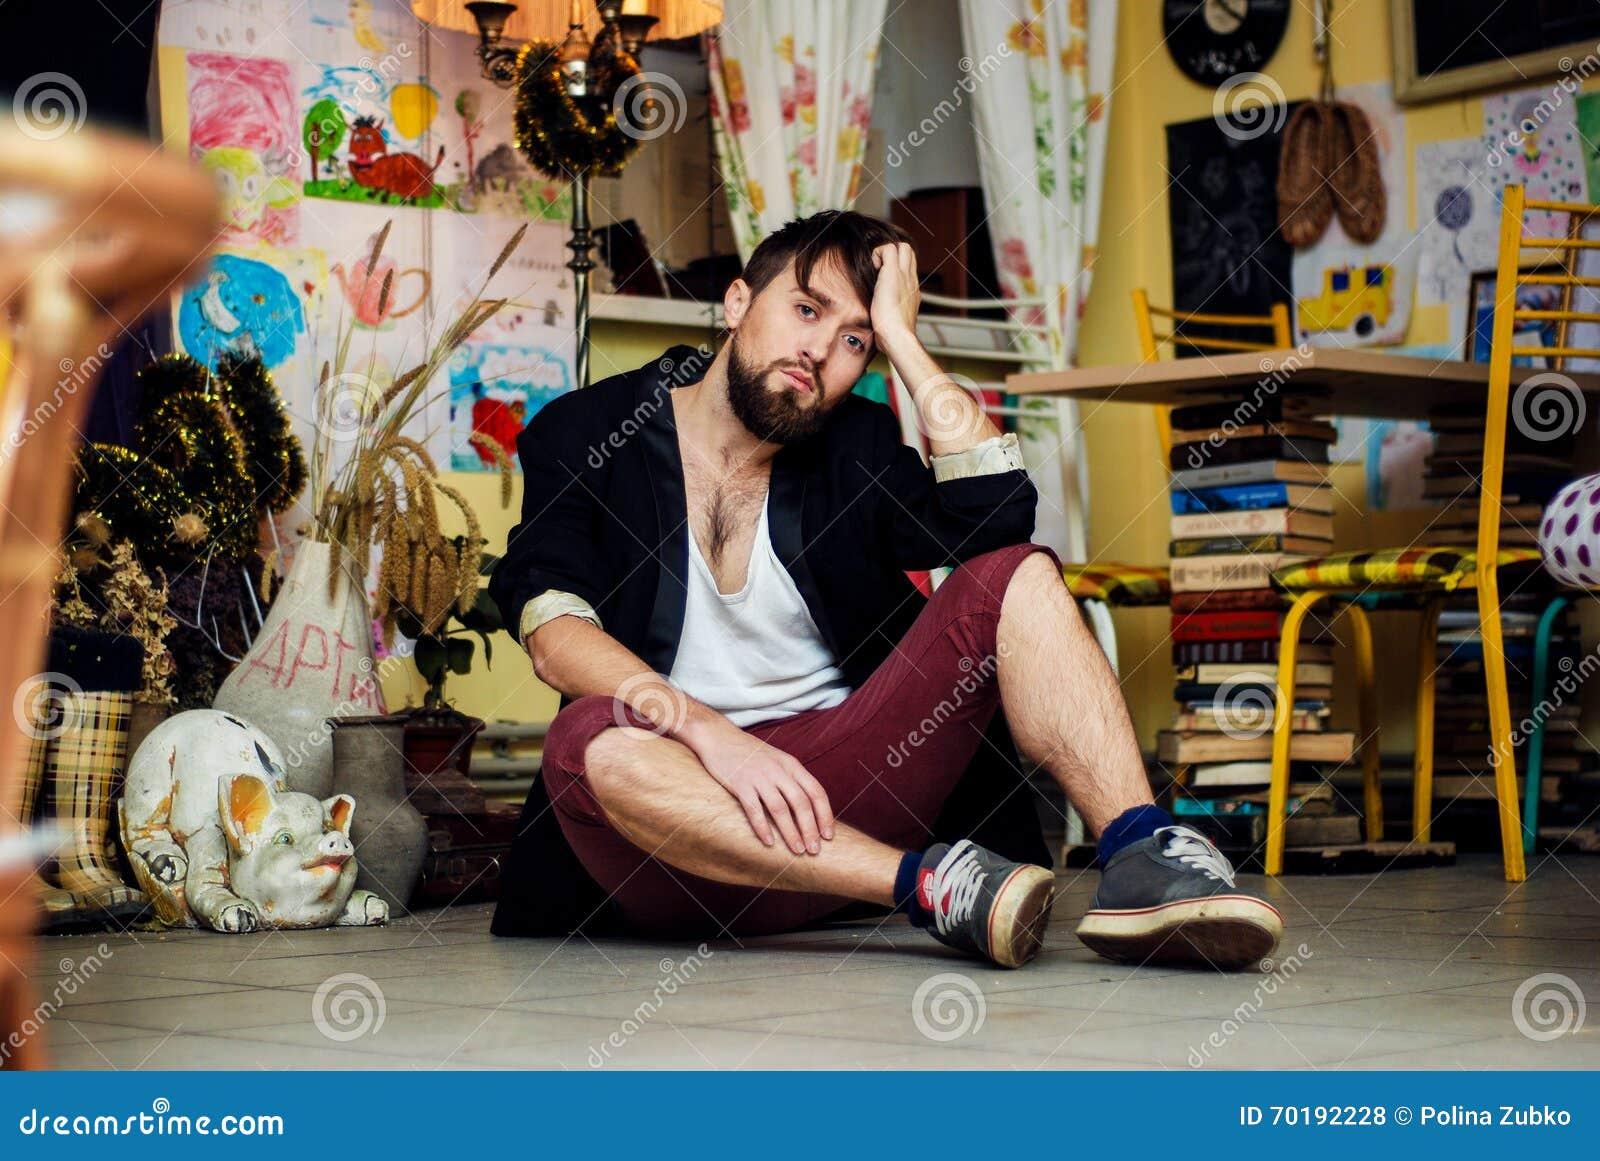 Den skäggiga grabben sitter på golvet